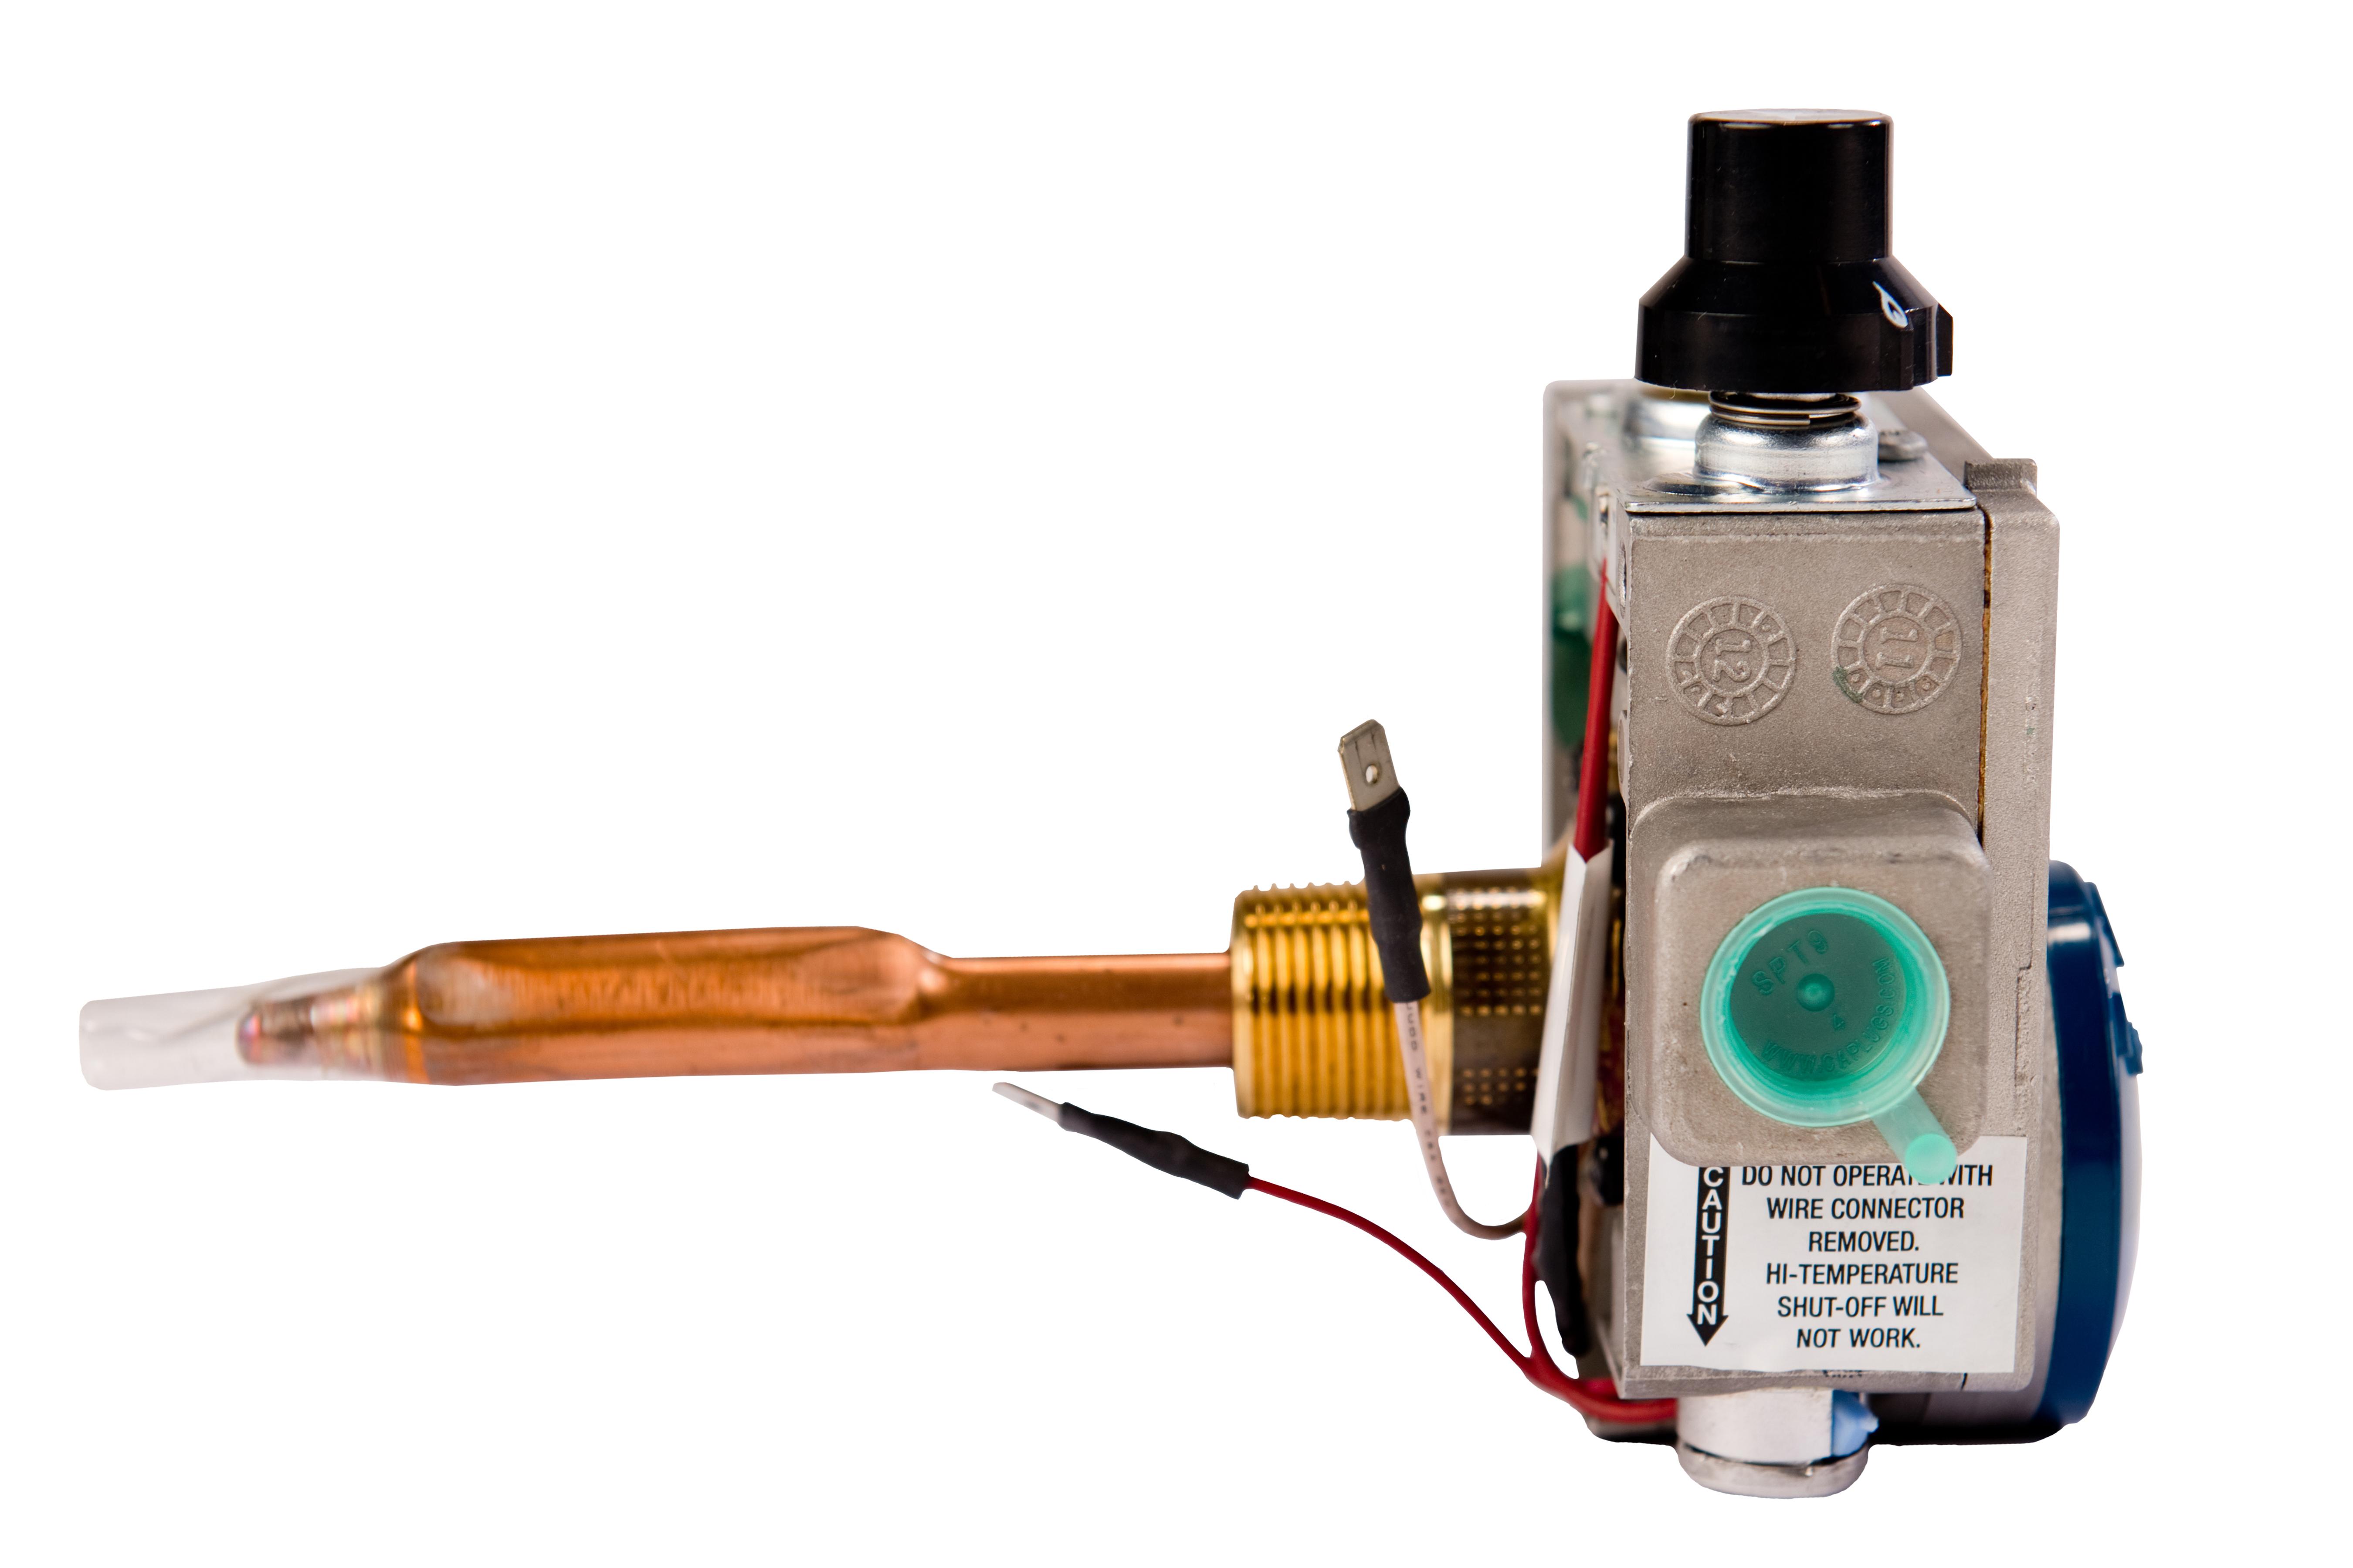 Termostat pomaga regulować temperaturę wody w zbiorniku pojemnościowym gazowym Americanos